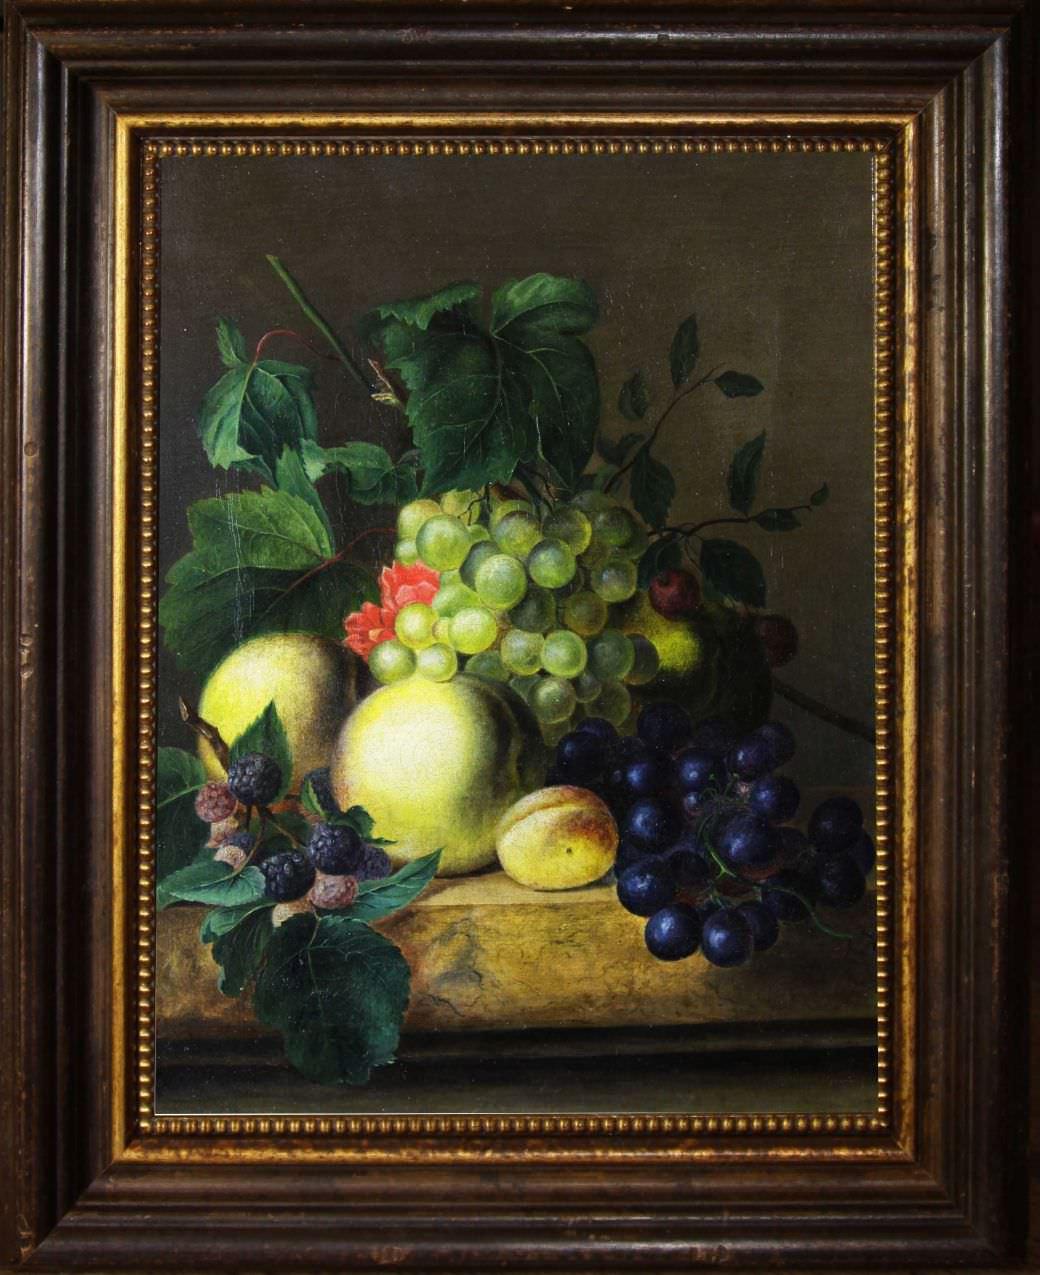 Старинный натюрморт с виноградом и фруктами. Западная Европа, 1869 год.